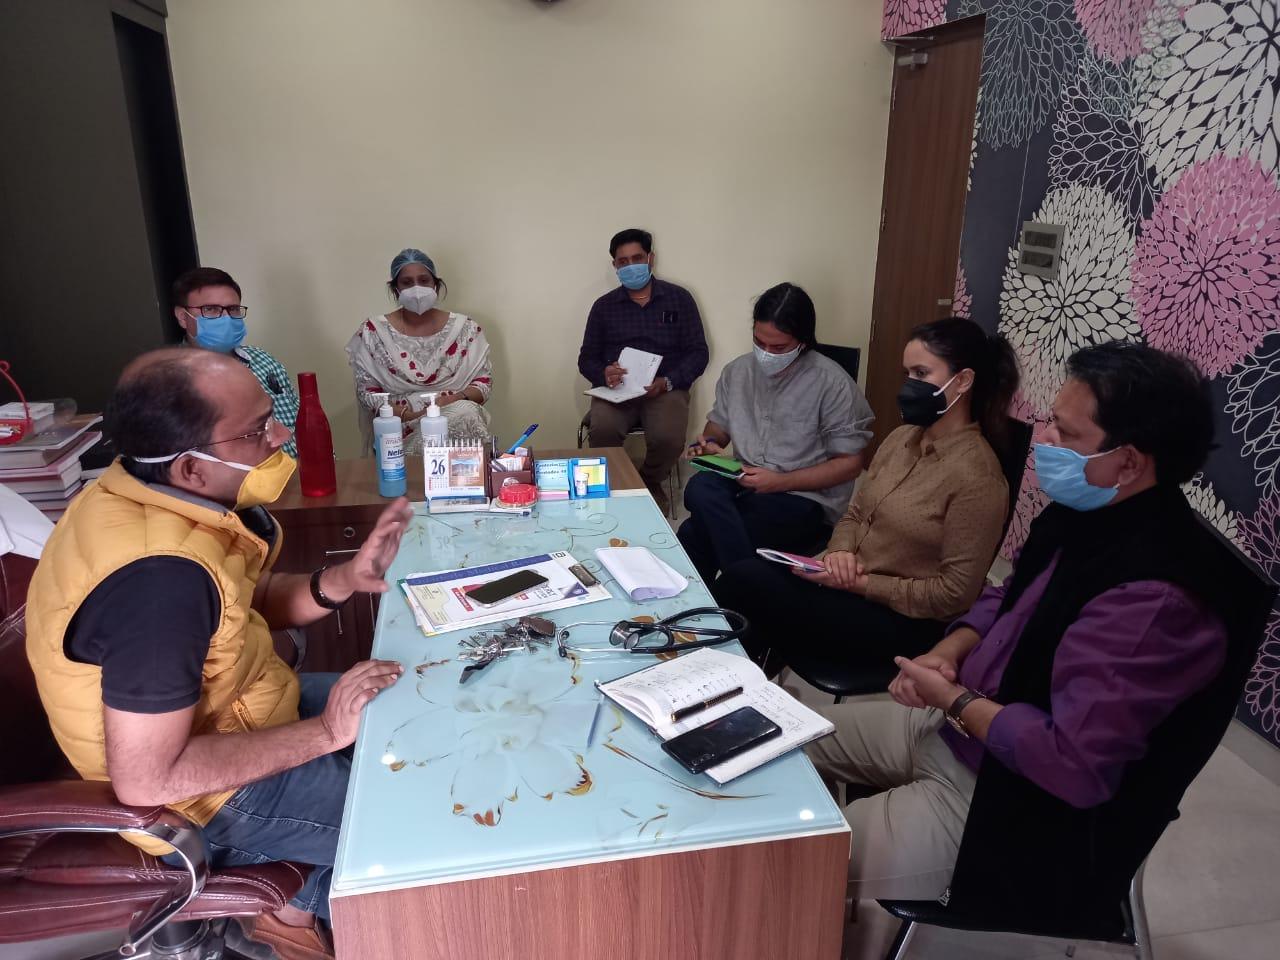 पूर्णियां:केंद्रीय टीम ने लिया आयुष्मान भारत कार्यक्रम का जायजा